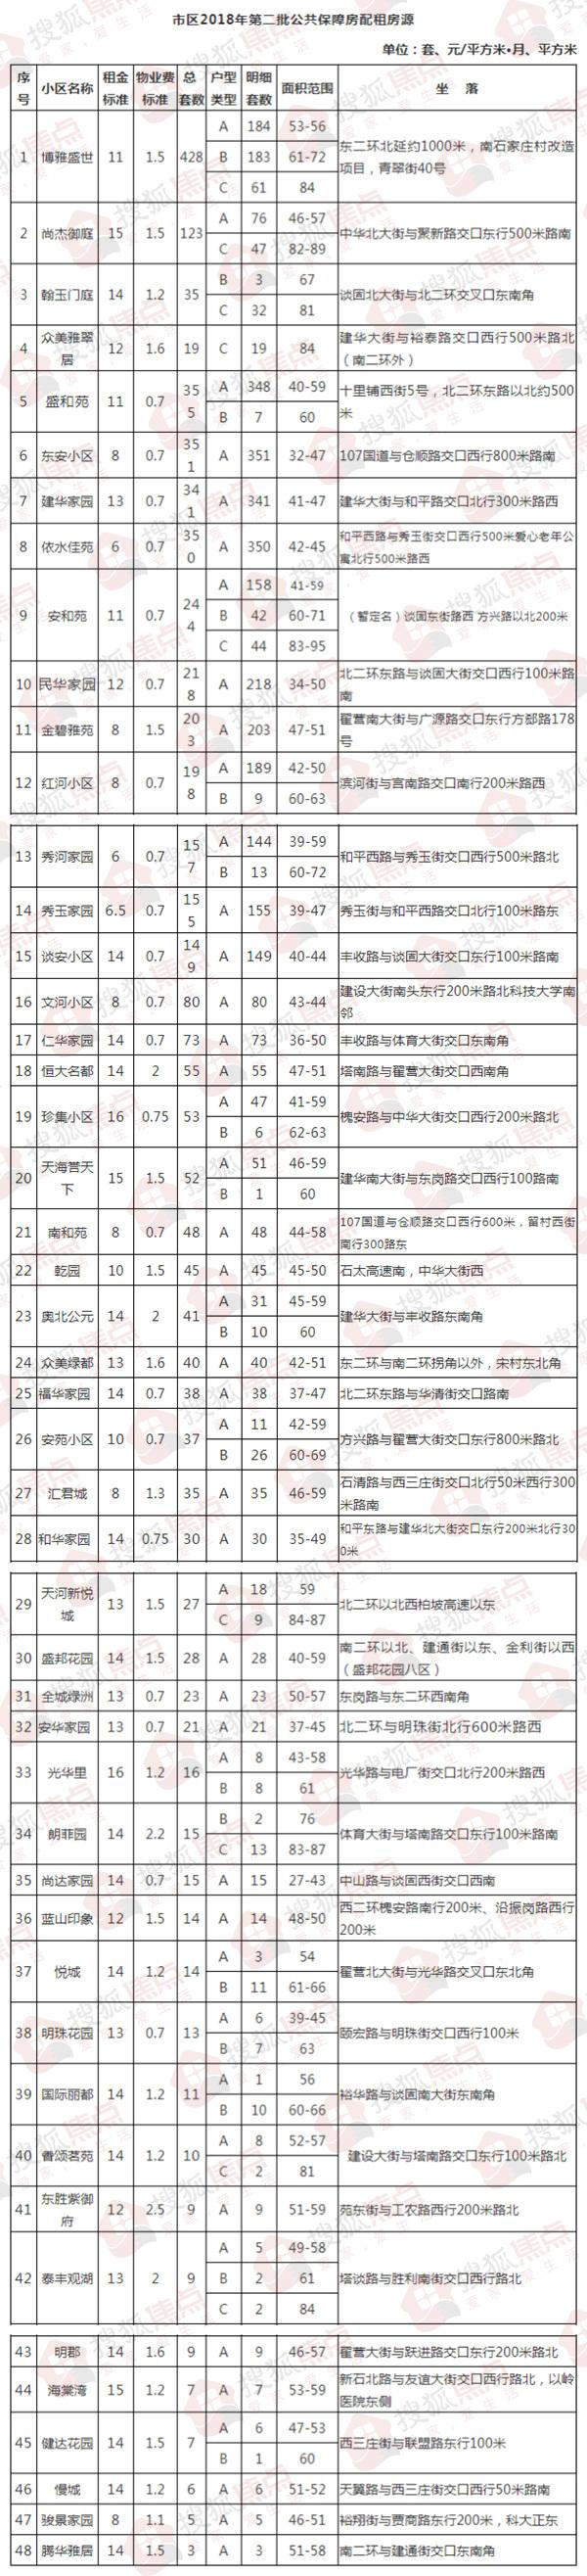 石家庄2018年第二批公共保障房房源小区名单 开始申请